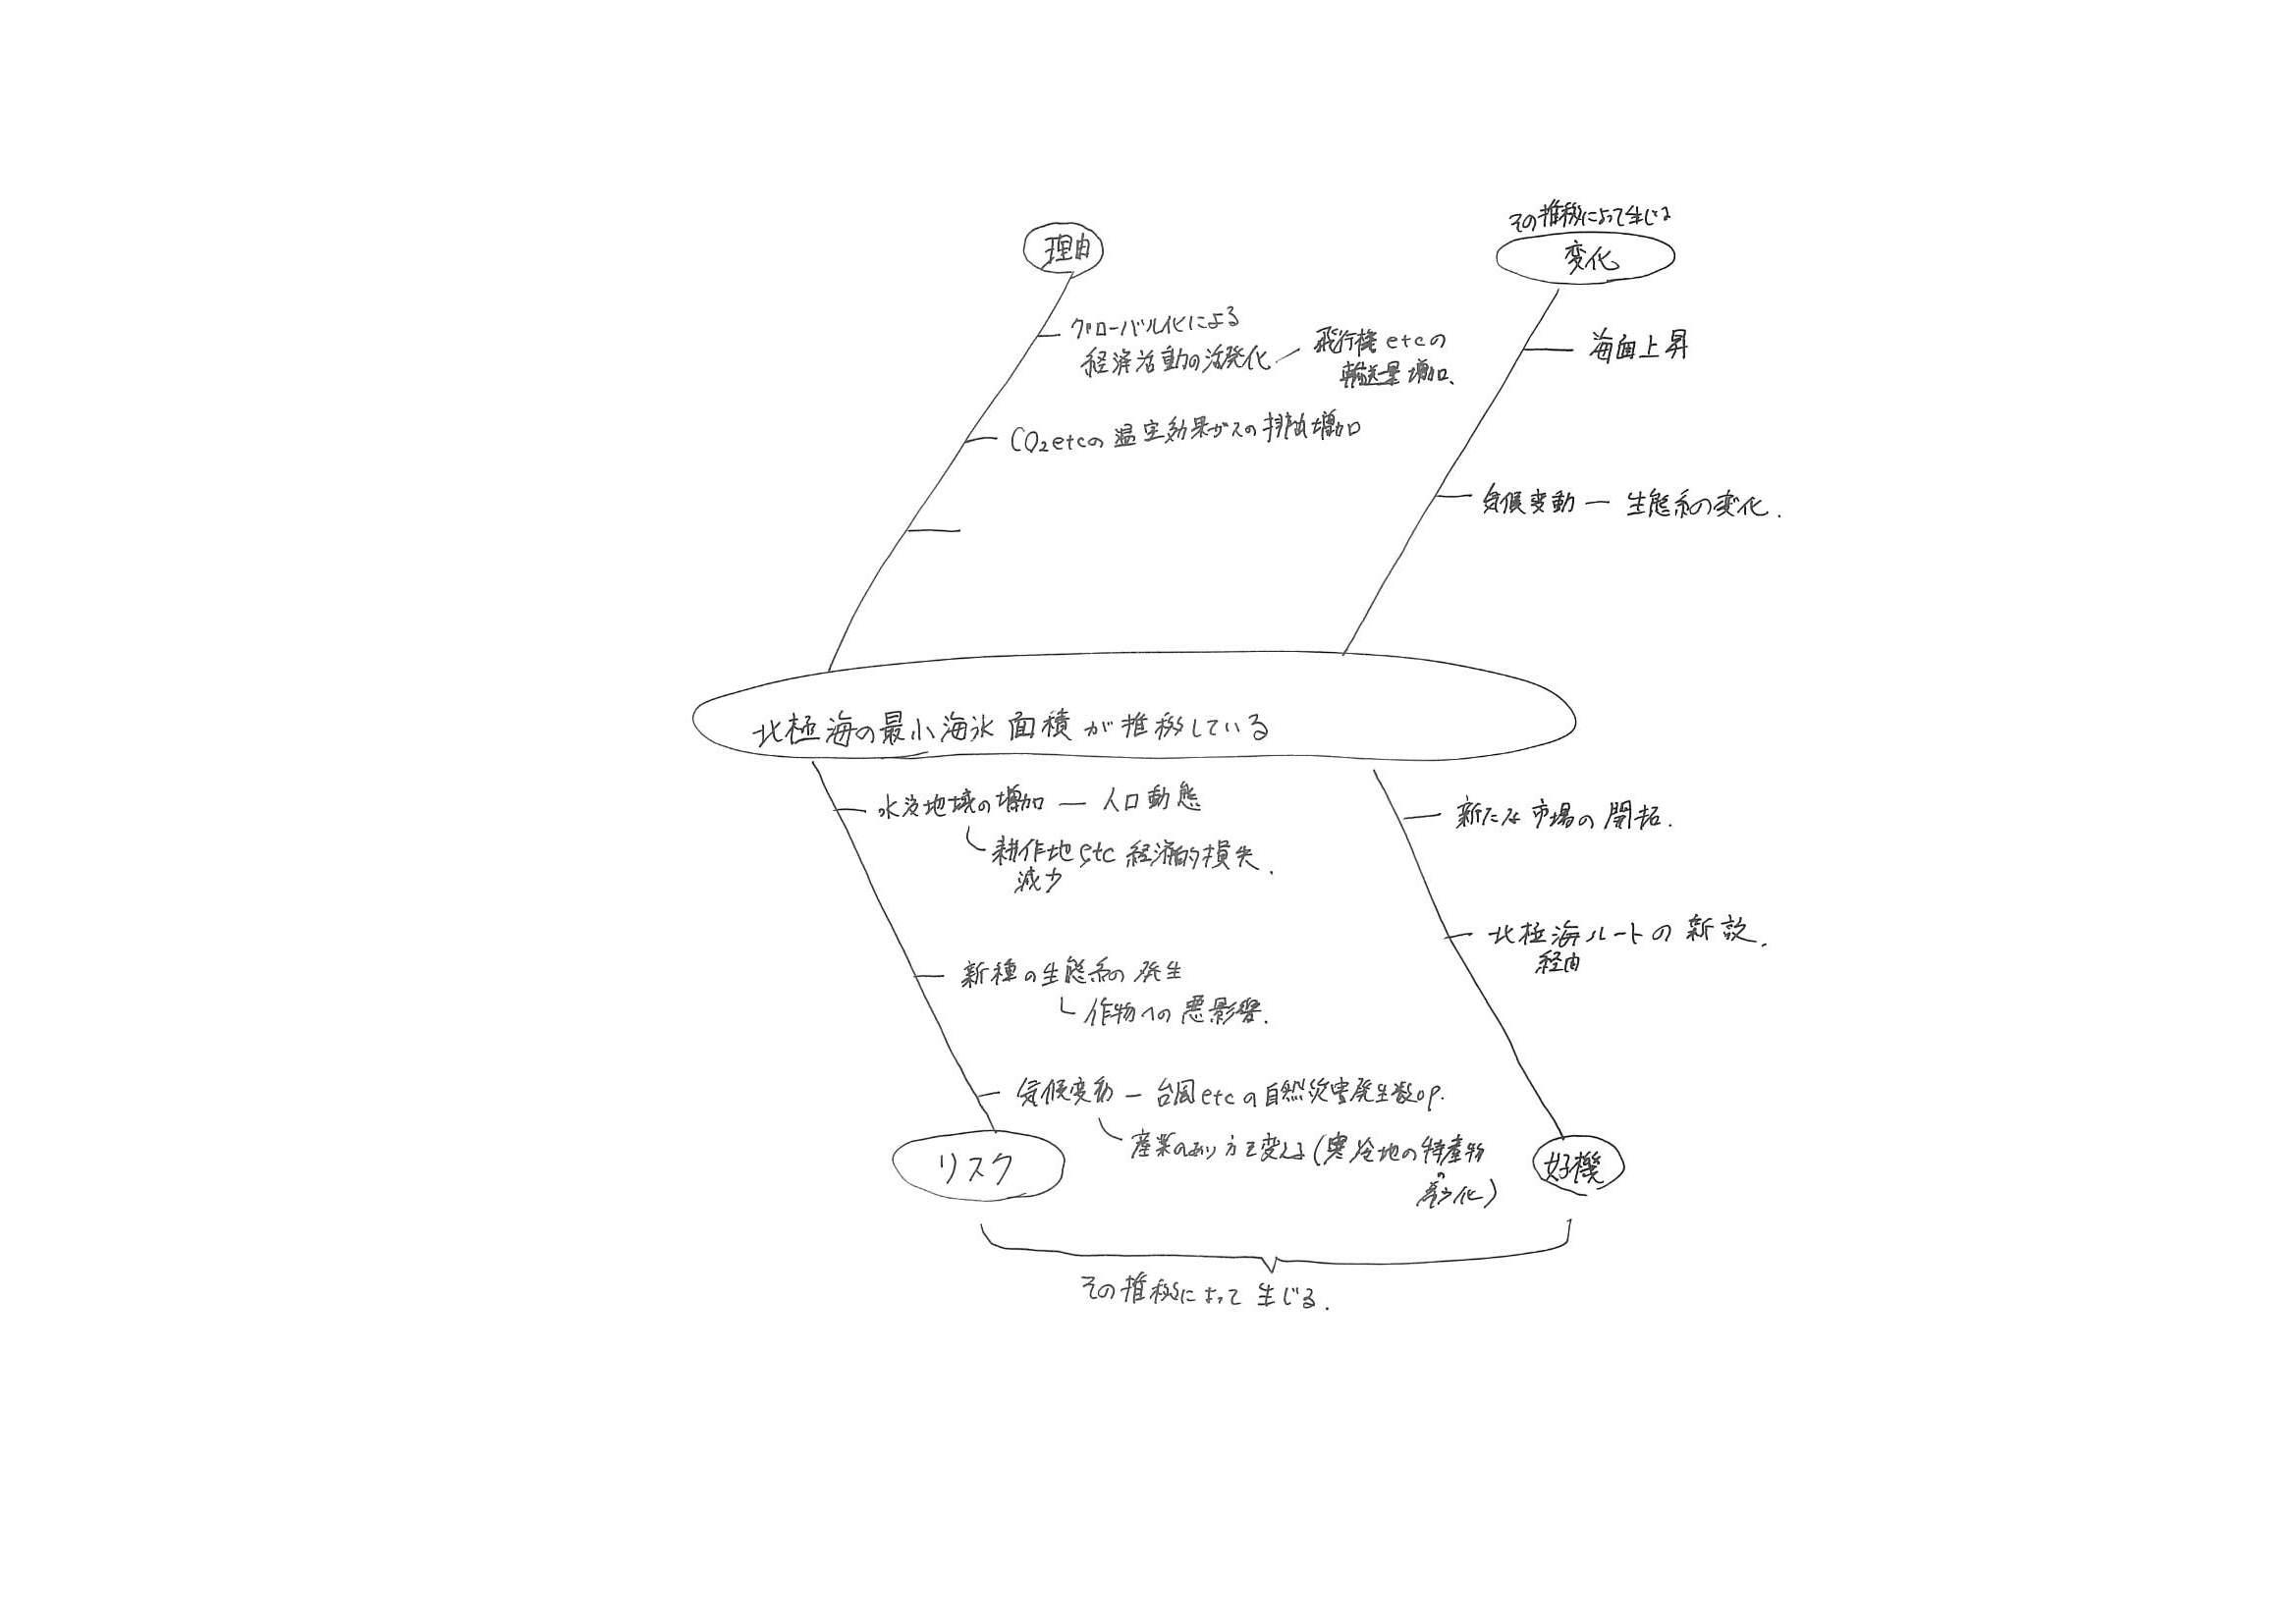 (小論文)慶應義塾大学総合政策2019設問4の解き方